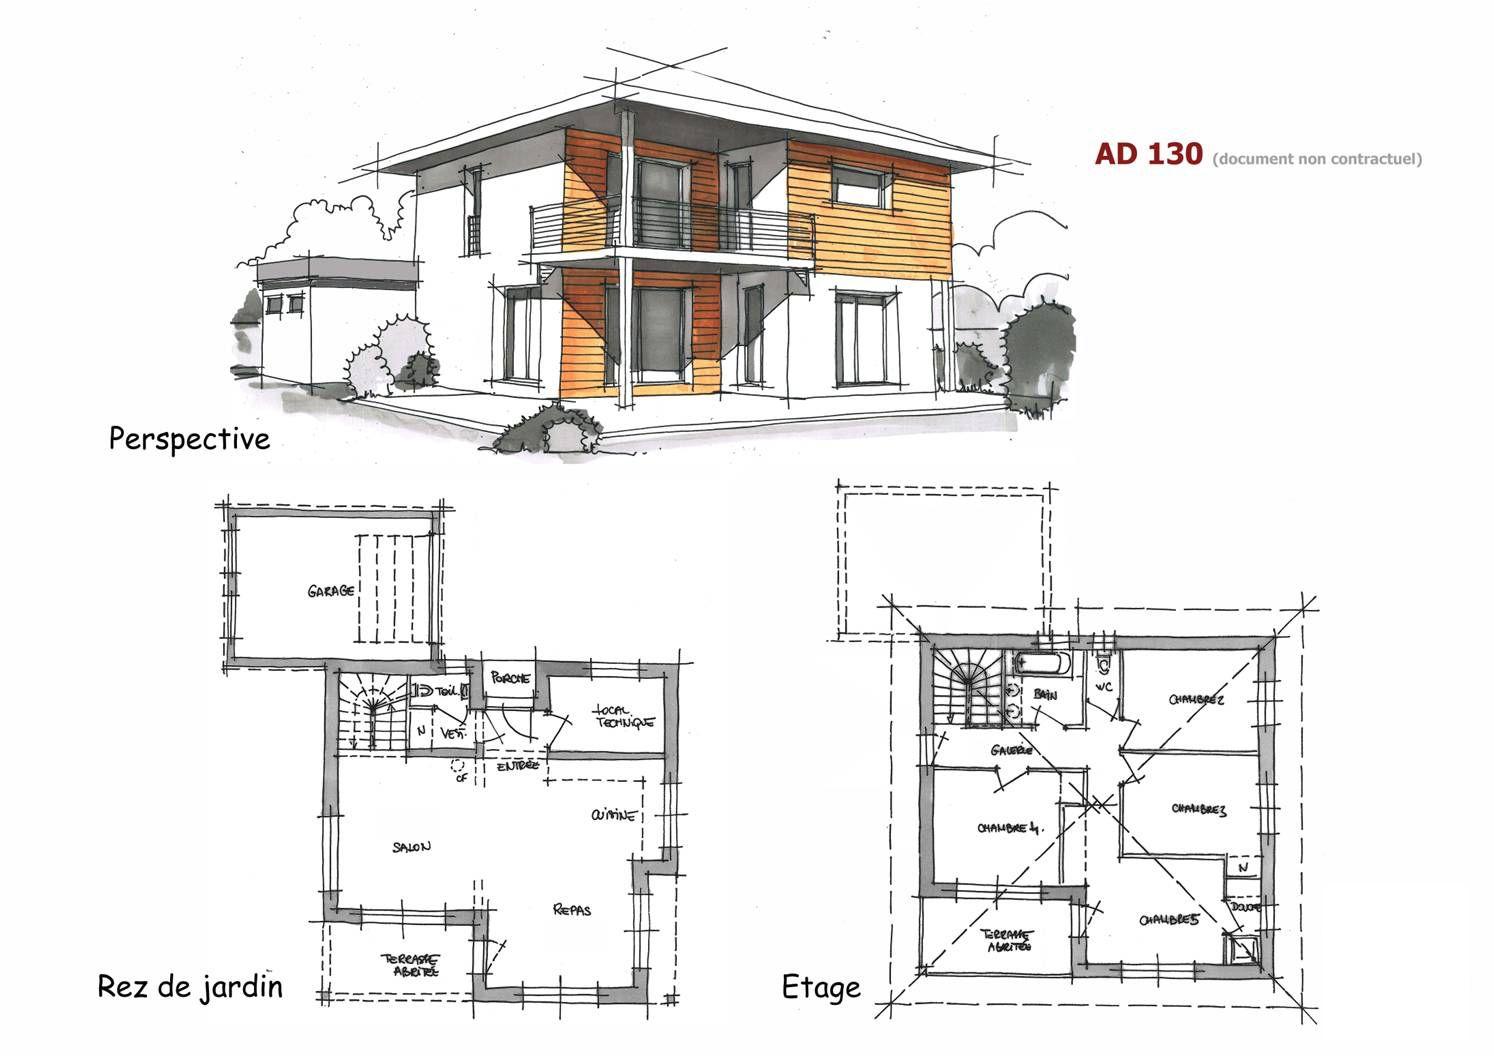 Construction de maisons sur mesure | Maison architecte, Maison, Architecte